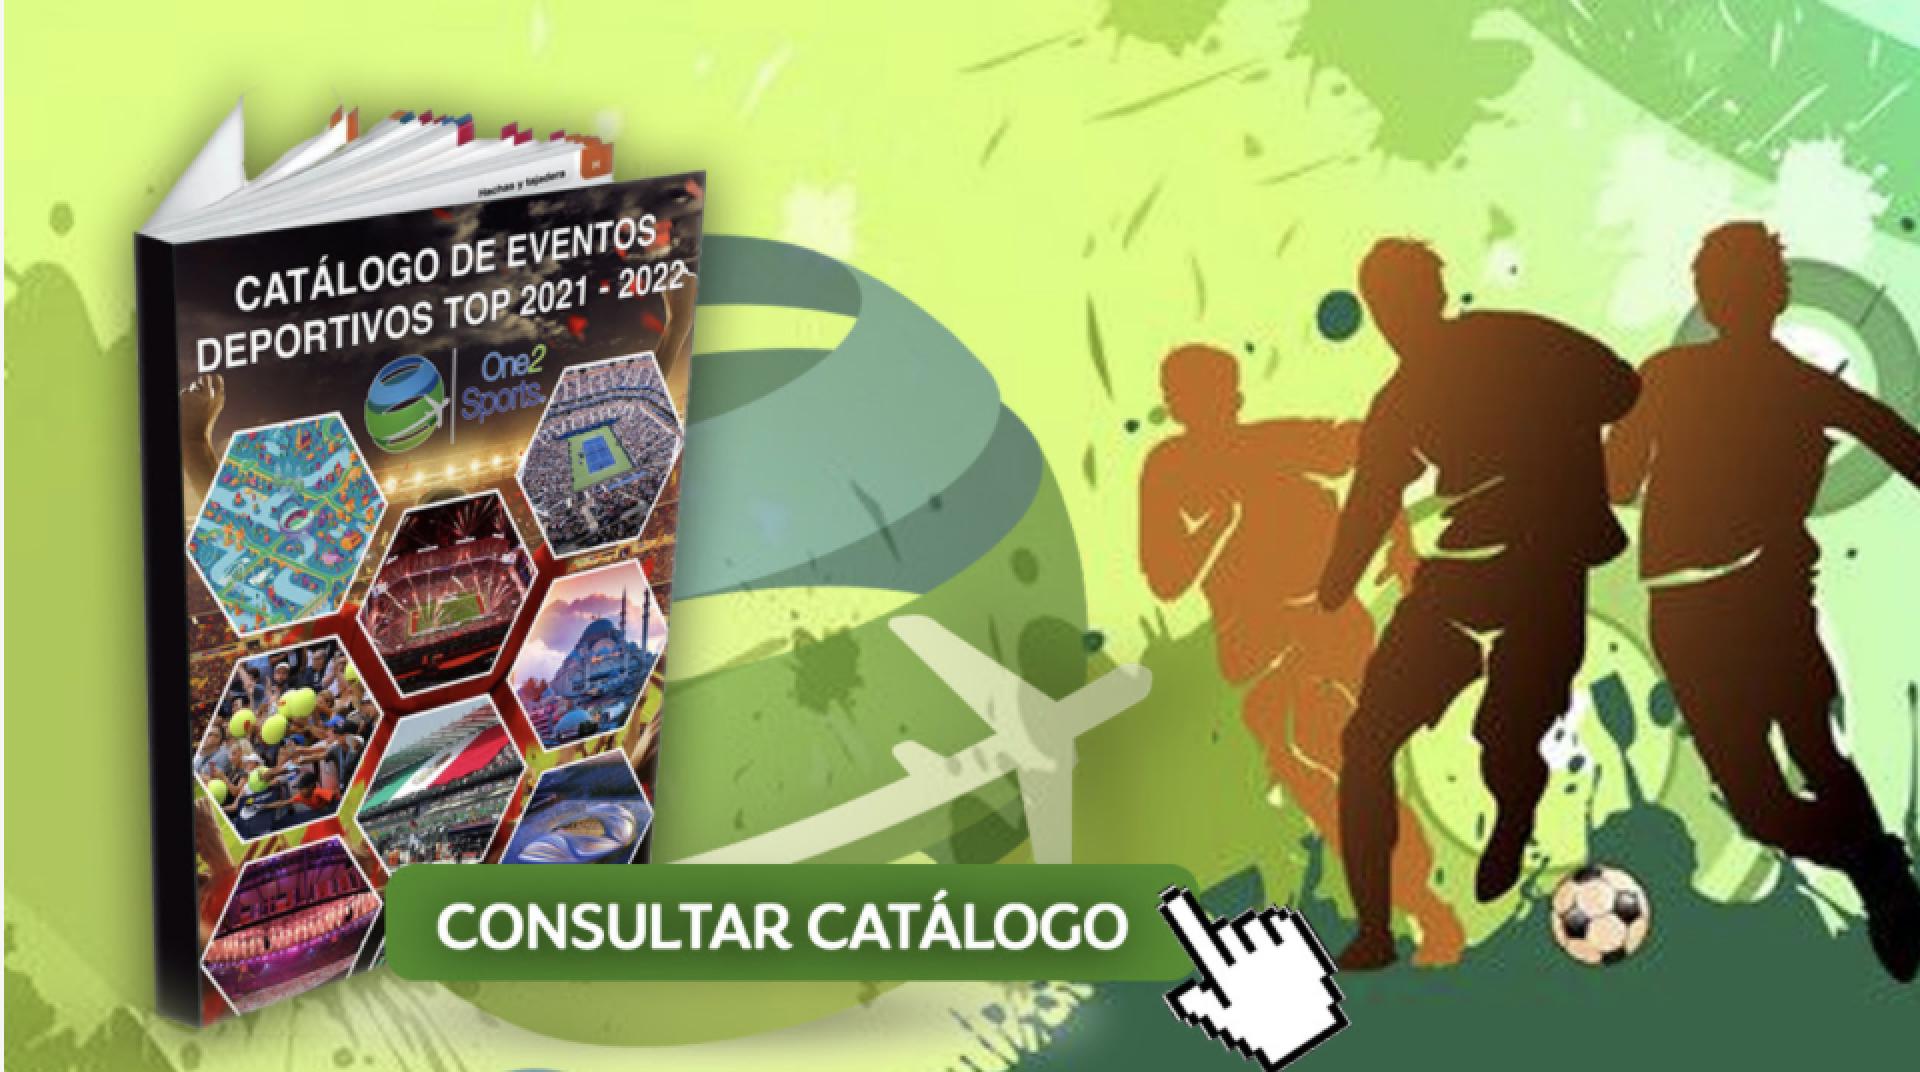 Catálogo de Eventos Deportivos TOP 2021 - 2022